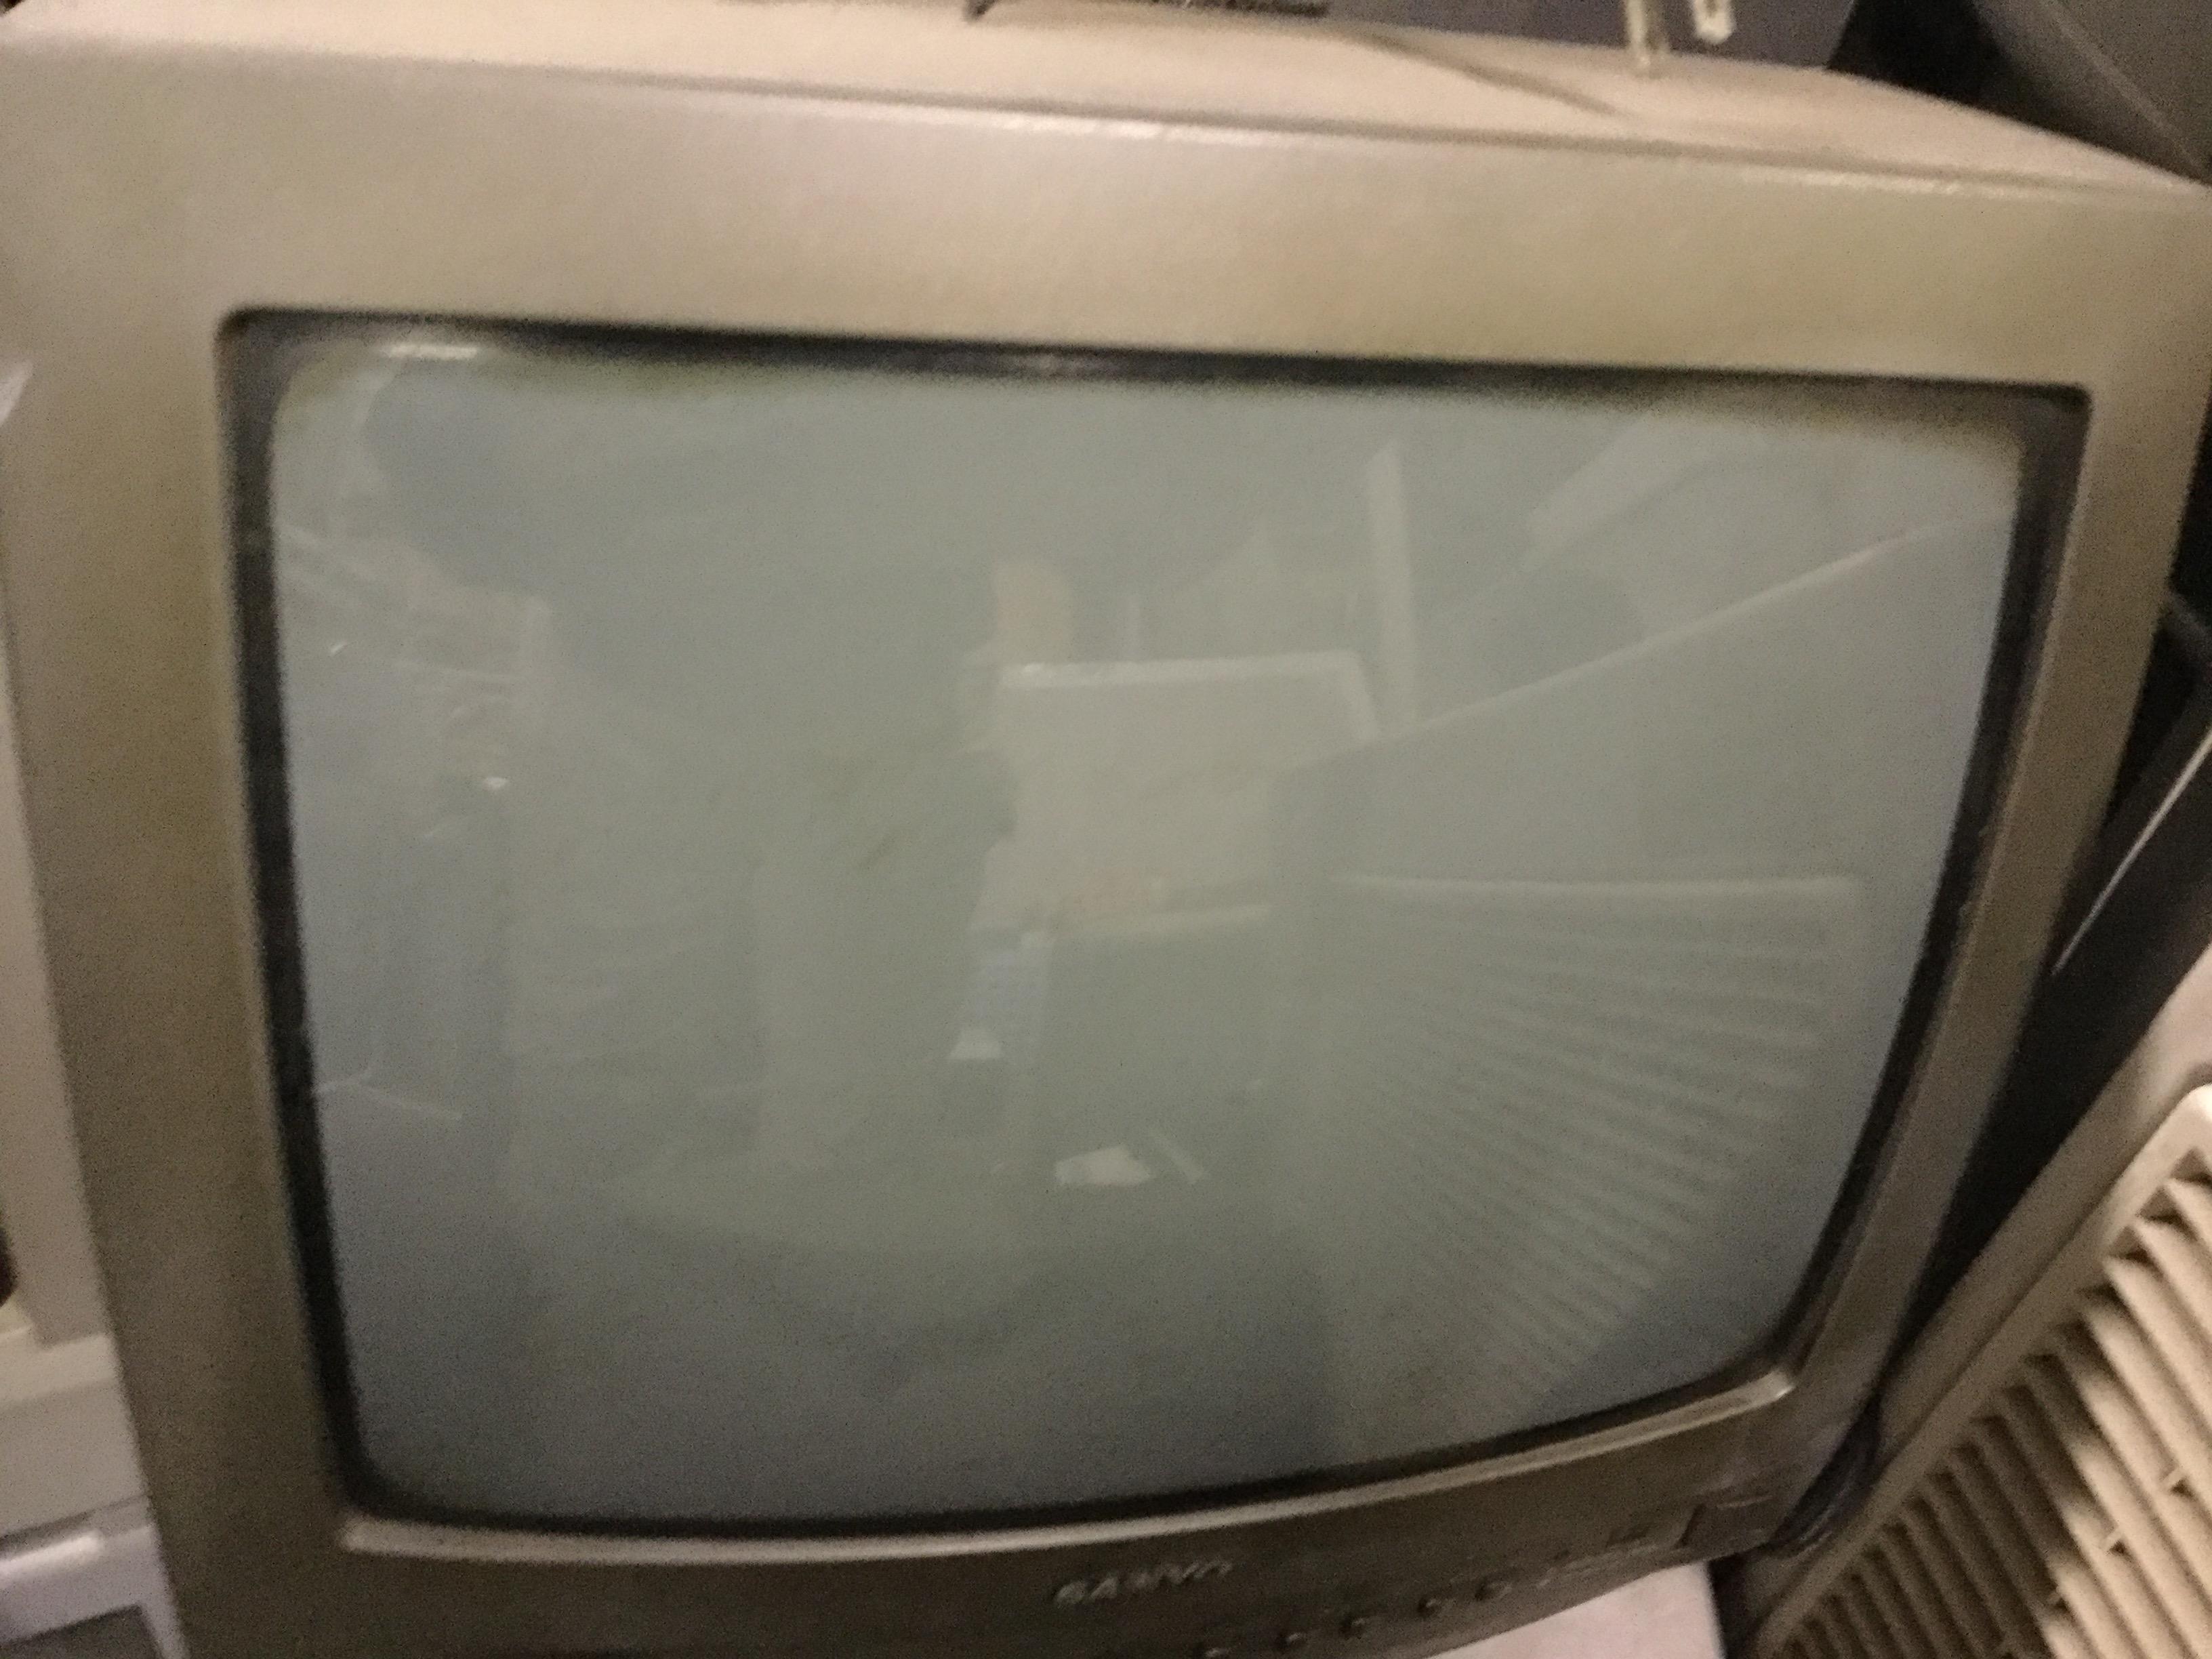 ブラウン管テレビです。